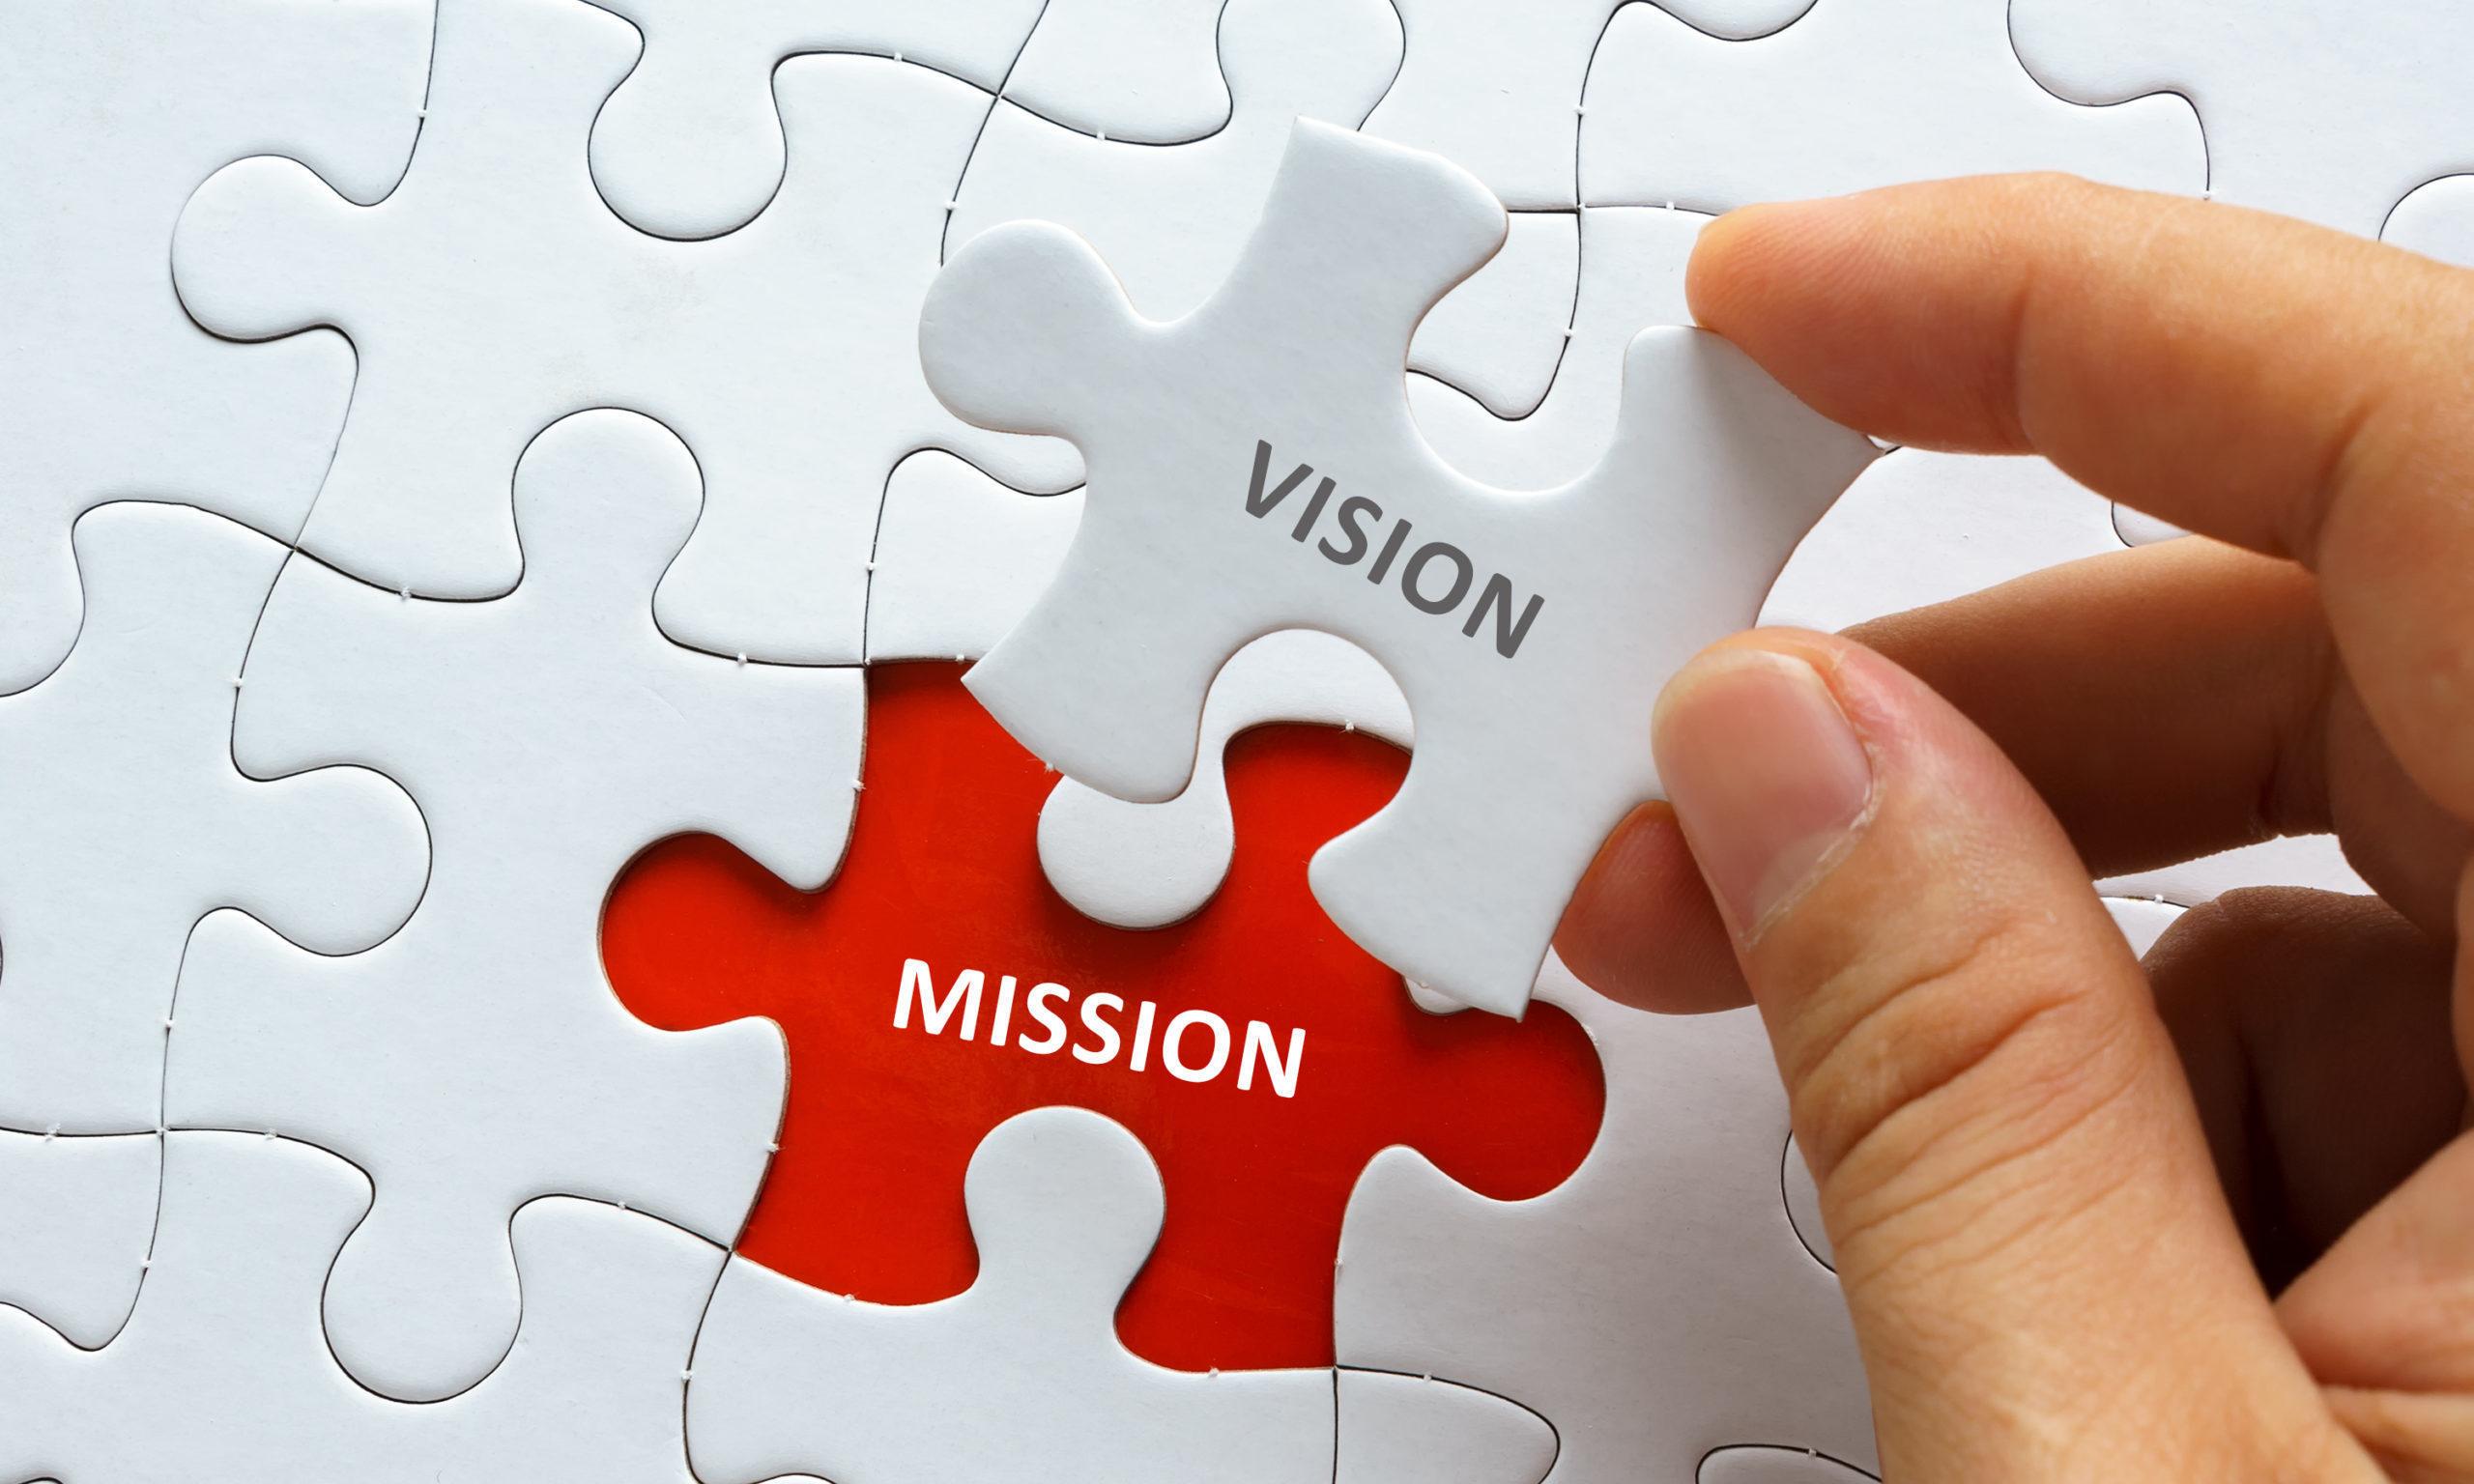 Missionのイメージ画像